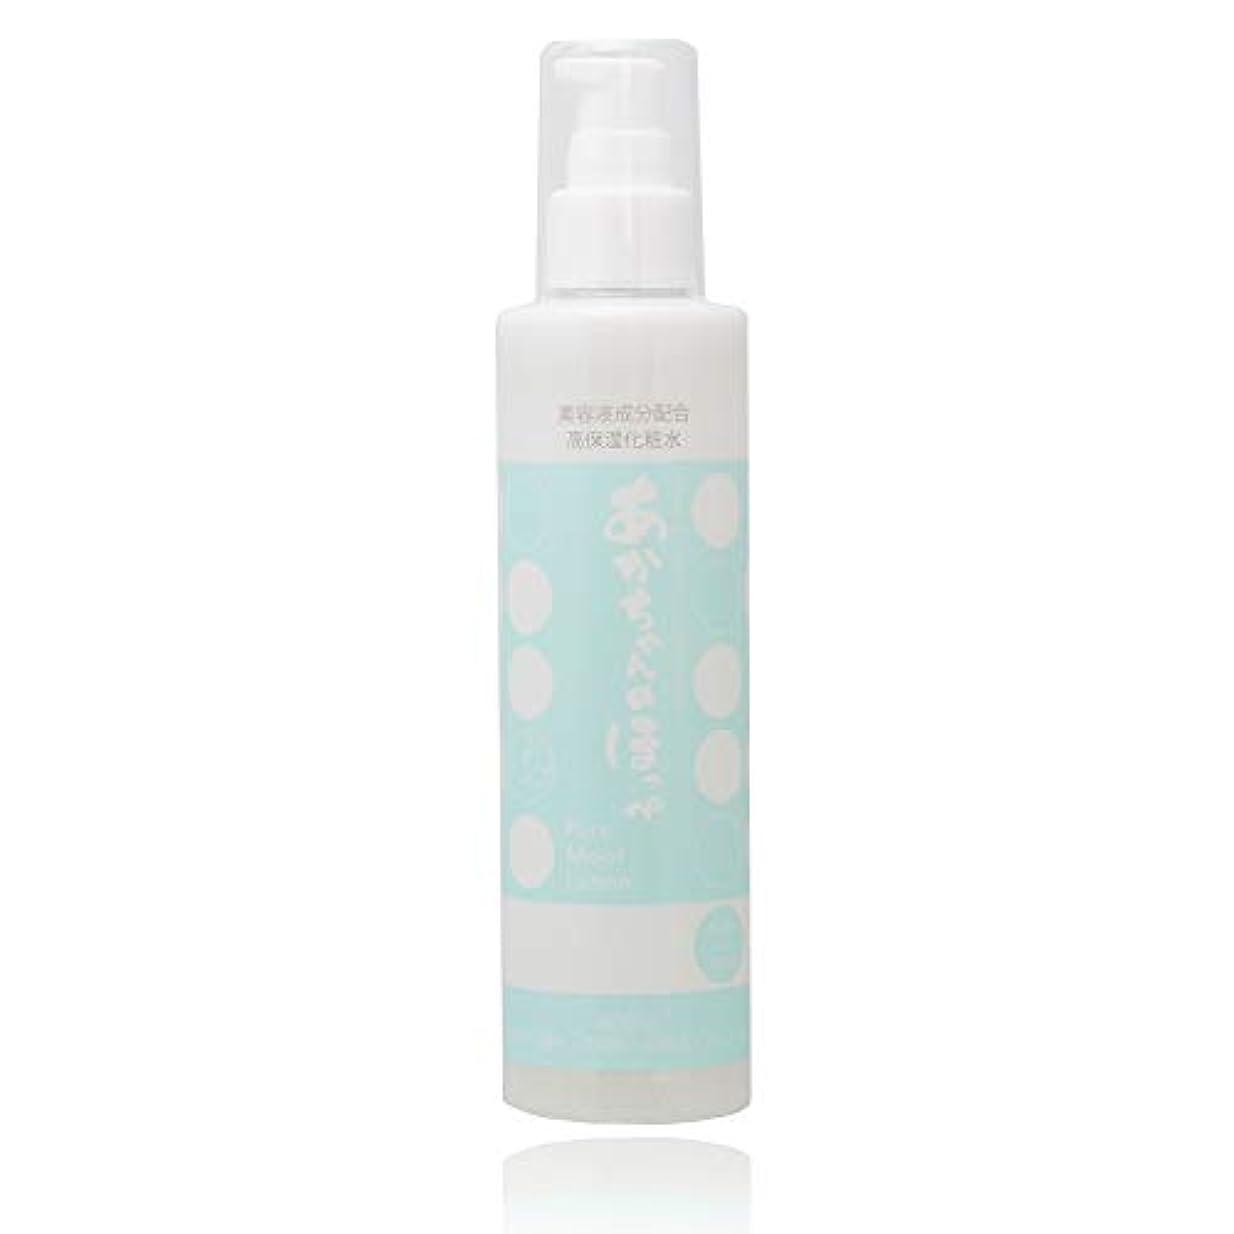 発生する桃遠征美容液からつくった高保湿栄養化粧水 「あかちゃんのほっぺ」 PureMoist 200ml 明日のお肌が好きになる化粧水